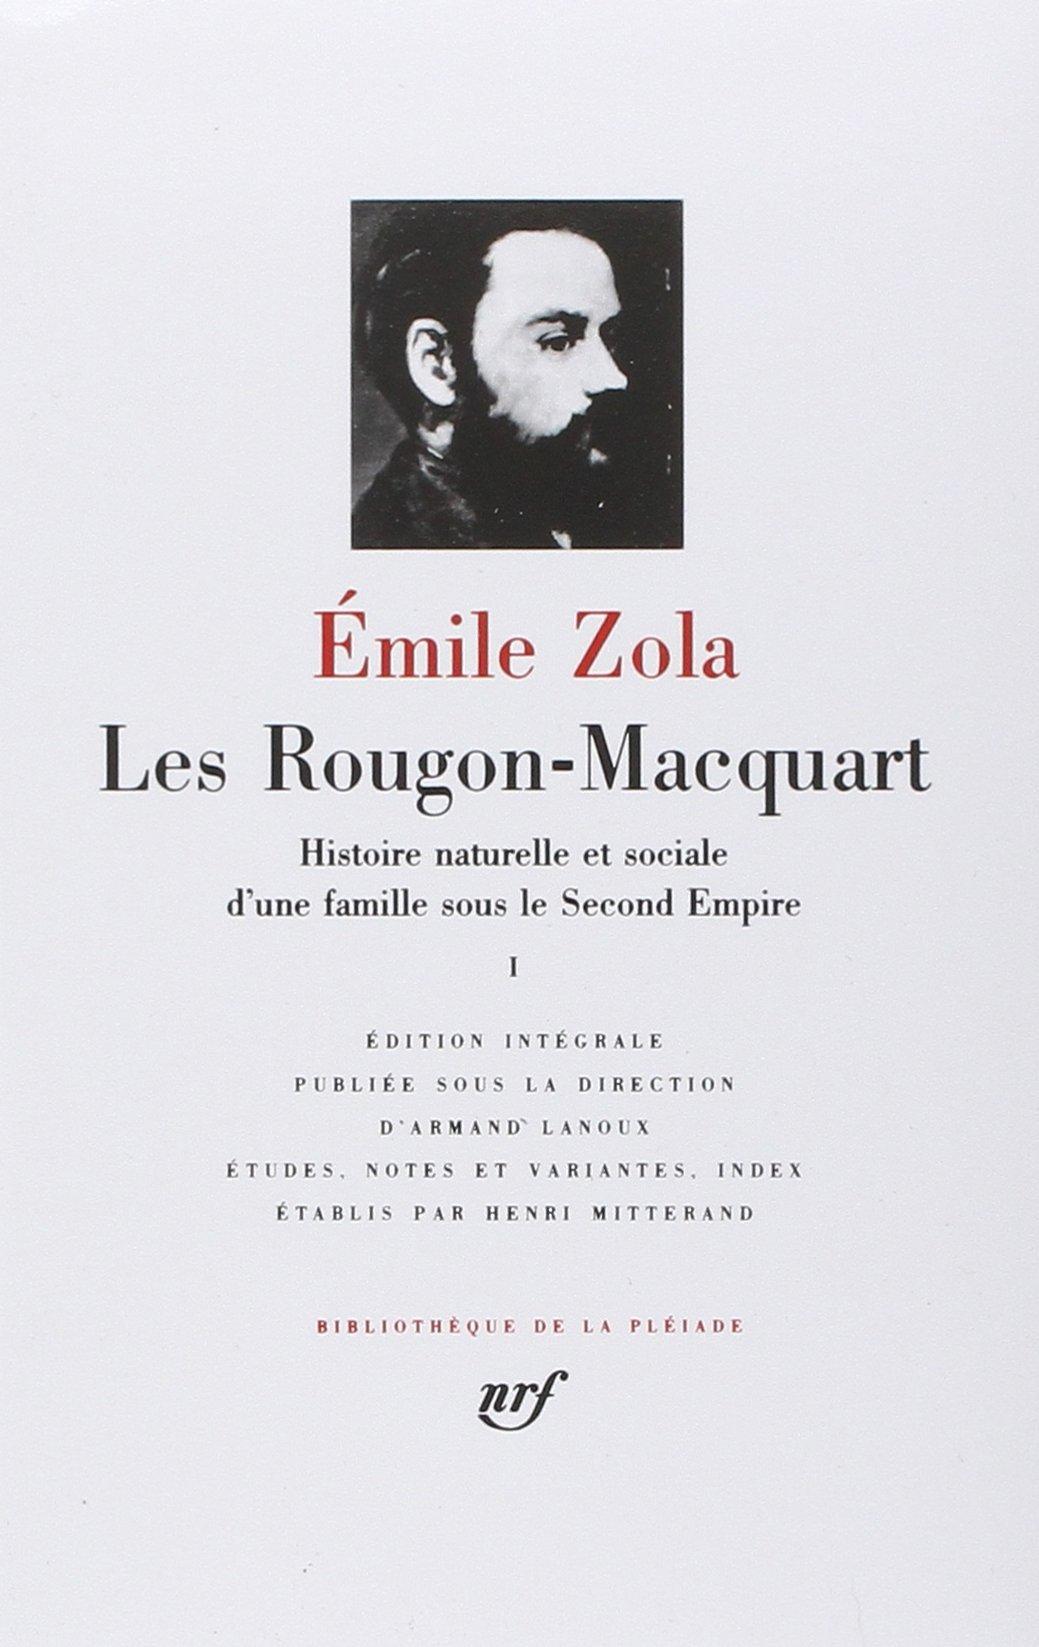 Les Rougon-Macquart Tome 1 (French Edition) (Bibliotheque de la Pleiade) PDF